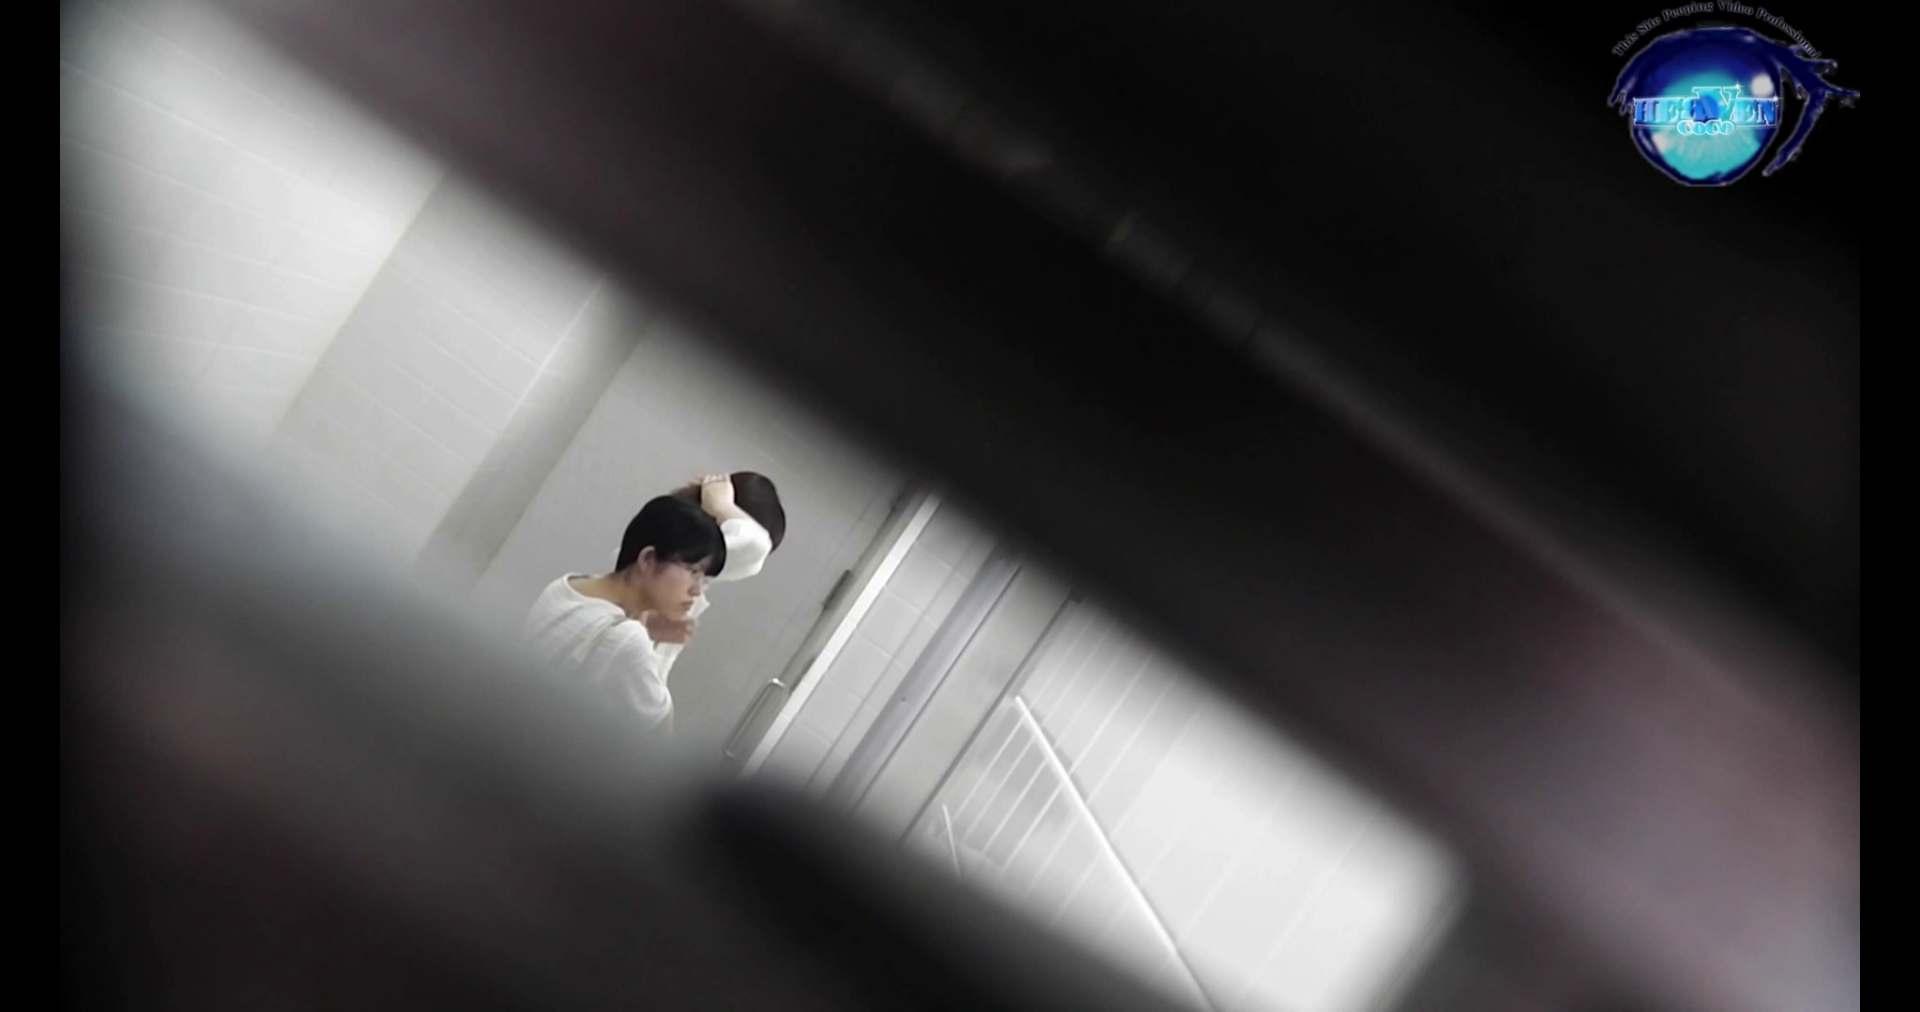 お銀さんの洗面所突入レポート!!vol.72 あのかわいい子がついフロント撮り実演 洗面所編 | バックショット  100PIX 15